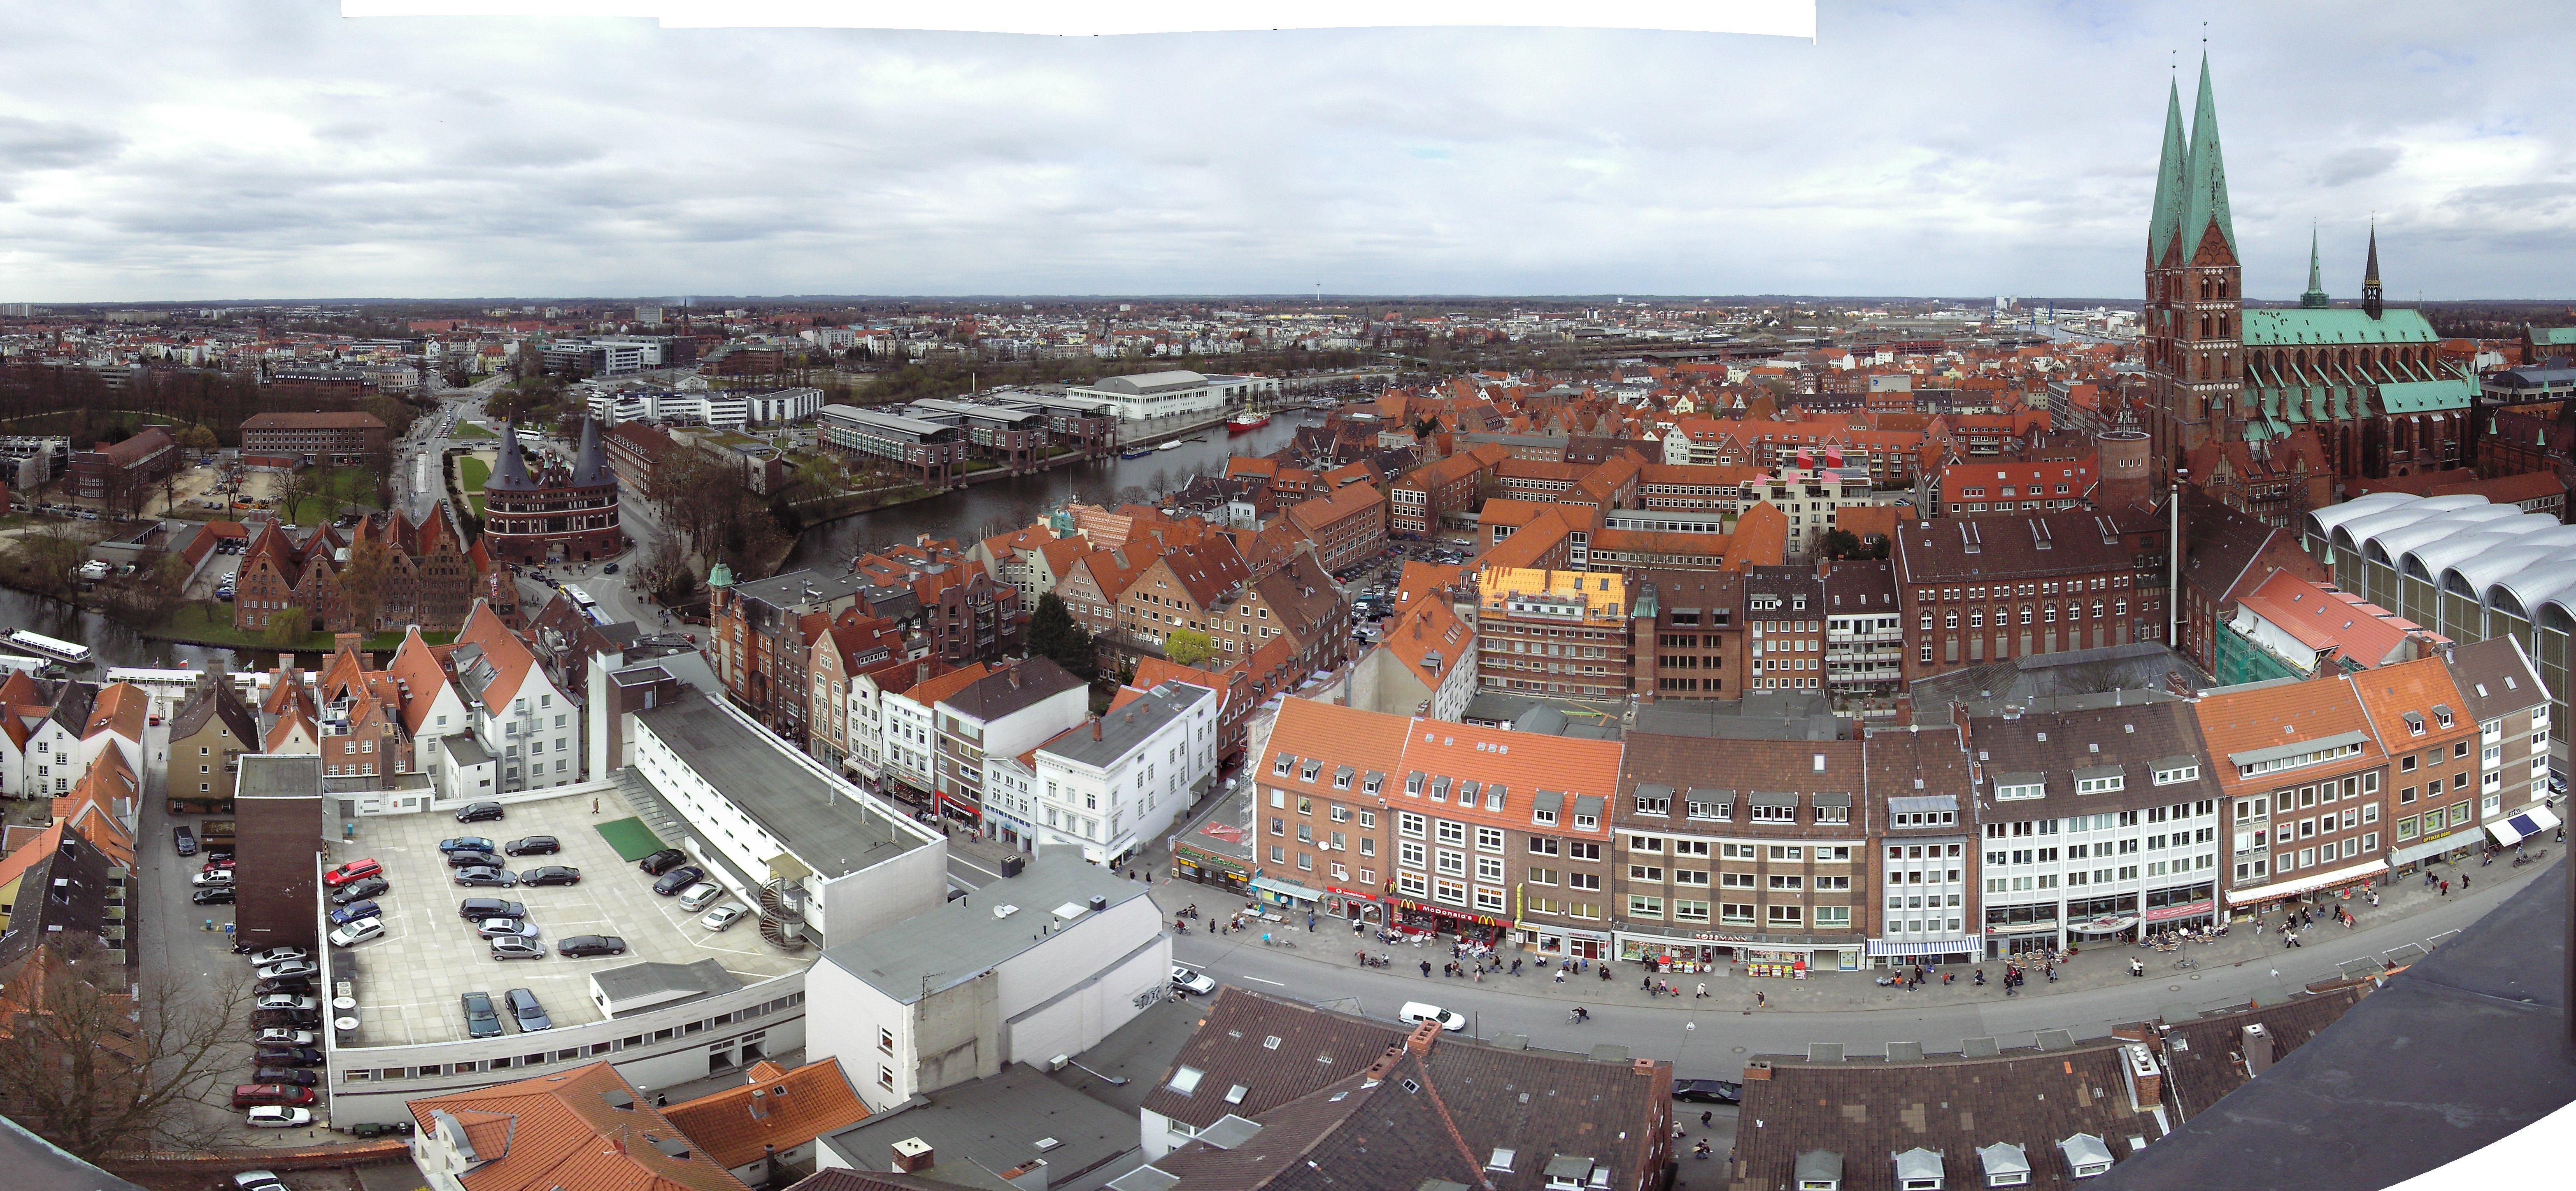 Panorama der Aussicht von St. Petri in Lübeck nach Norden